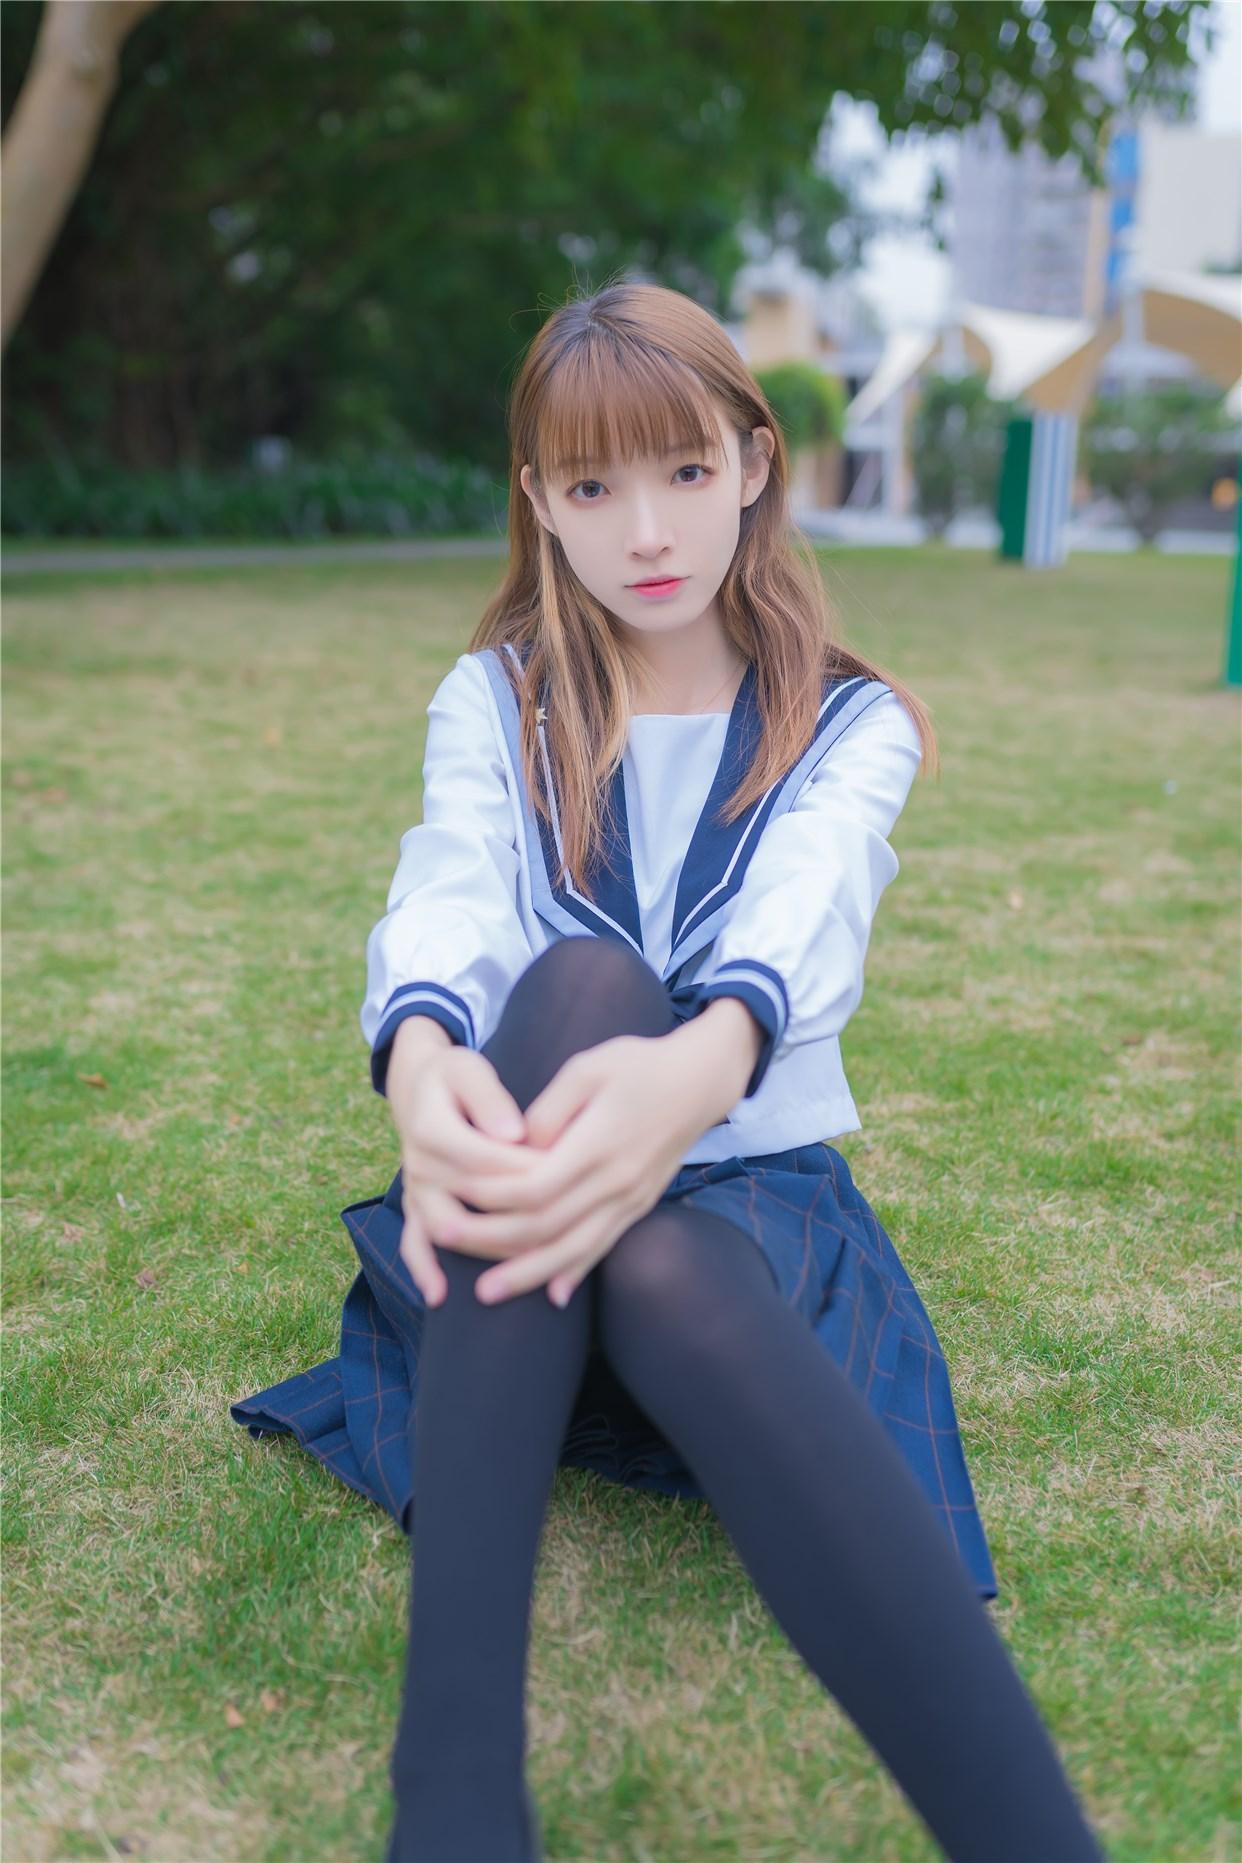 【兔玩映画】小清新JK少女 兔玩映画 第4张